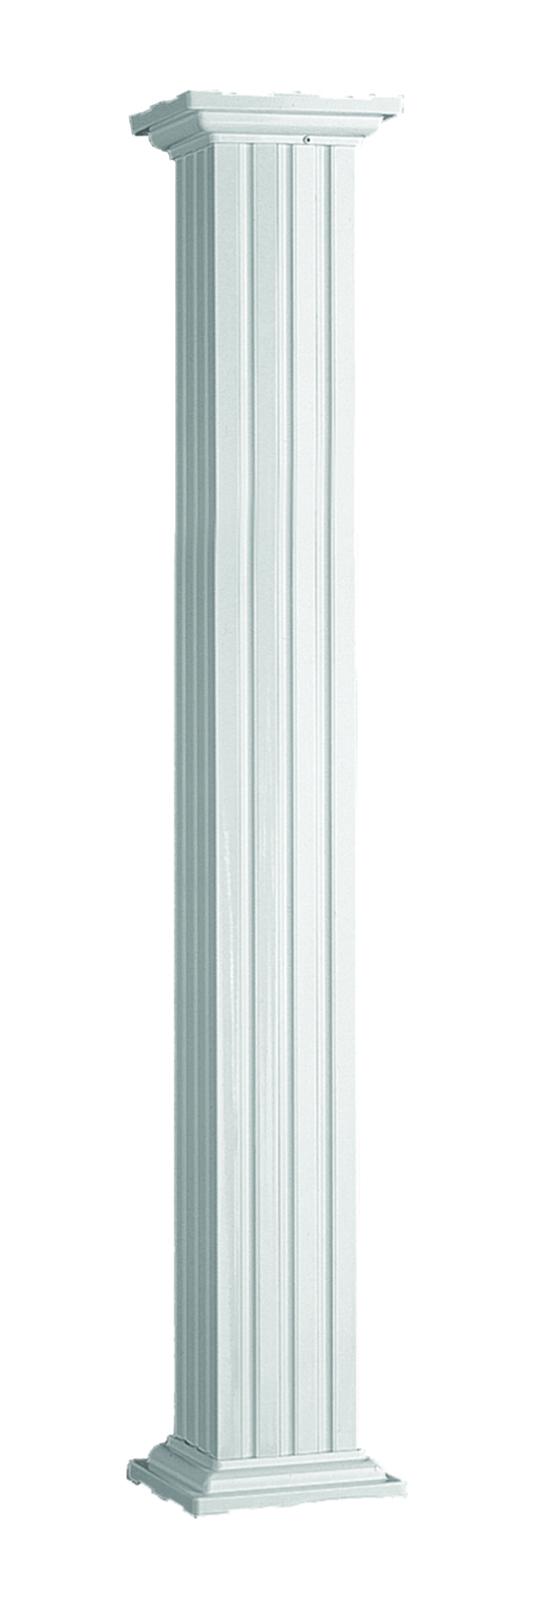 Square Columns